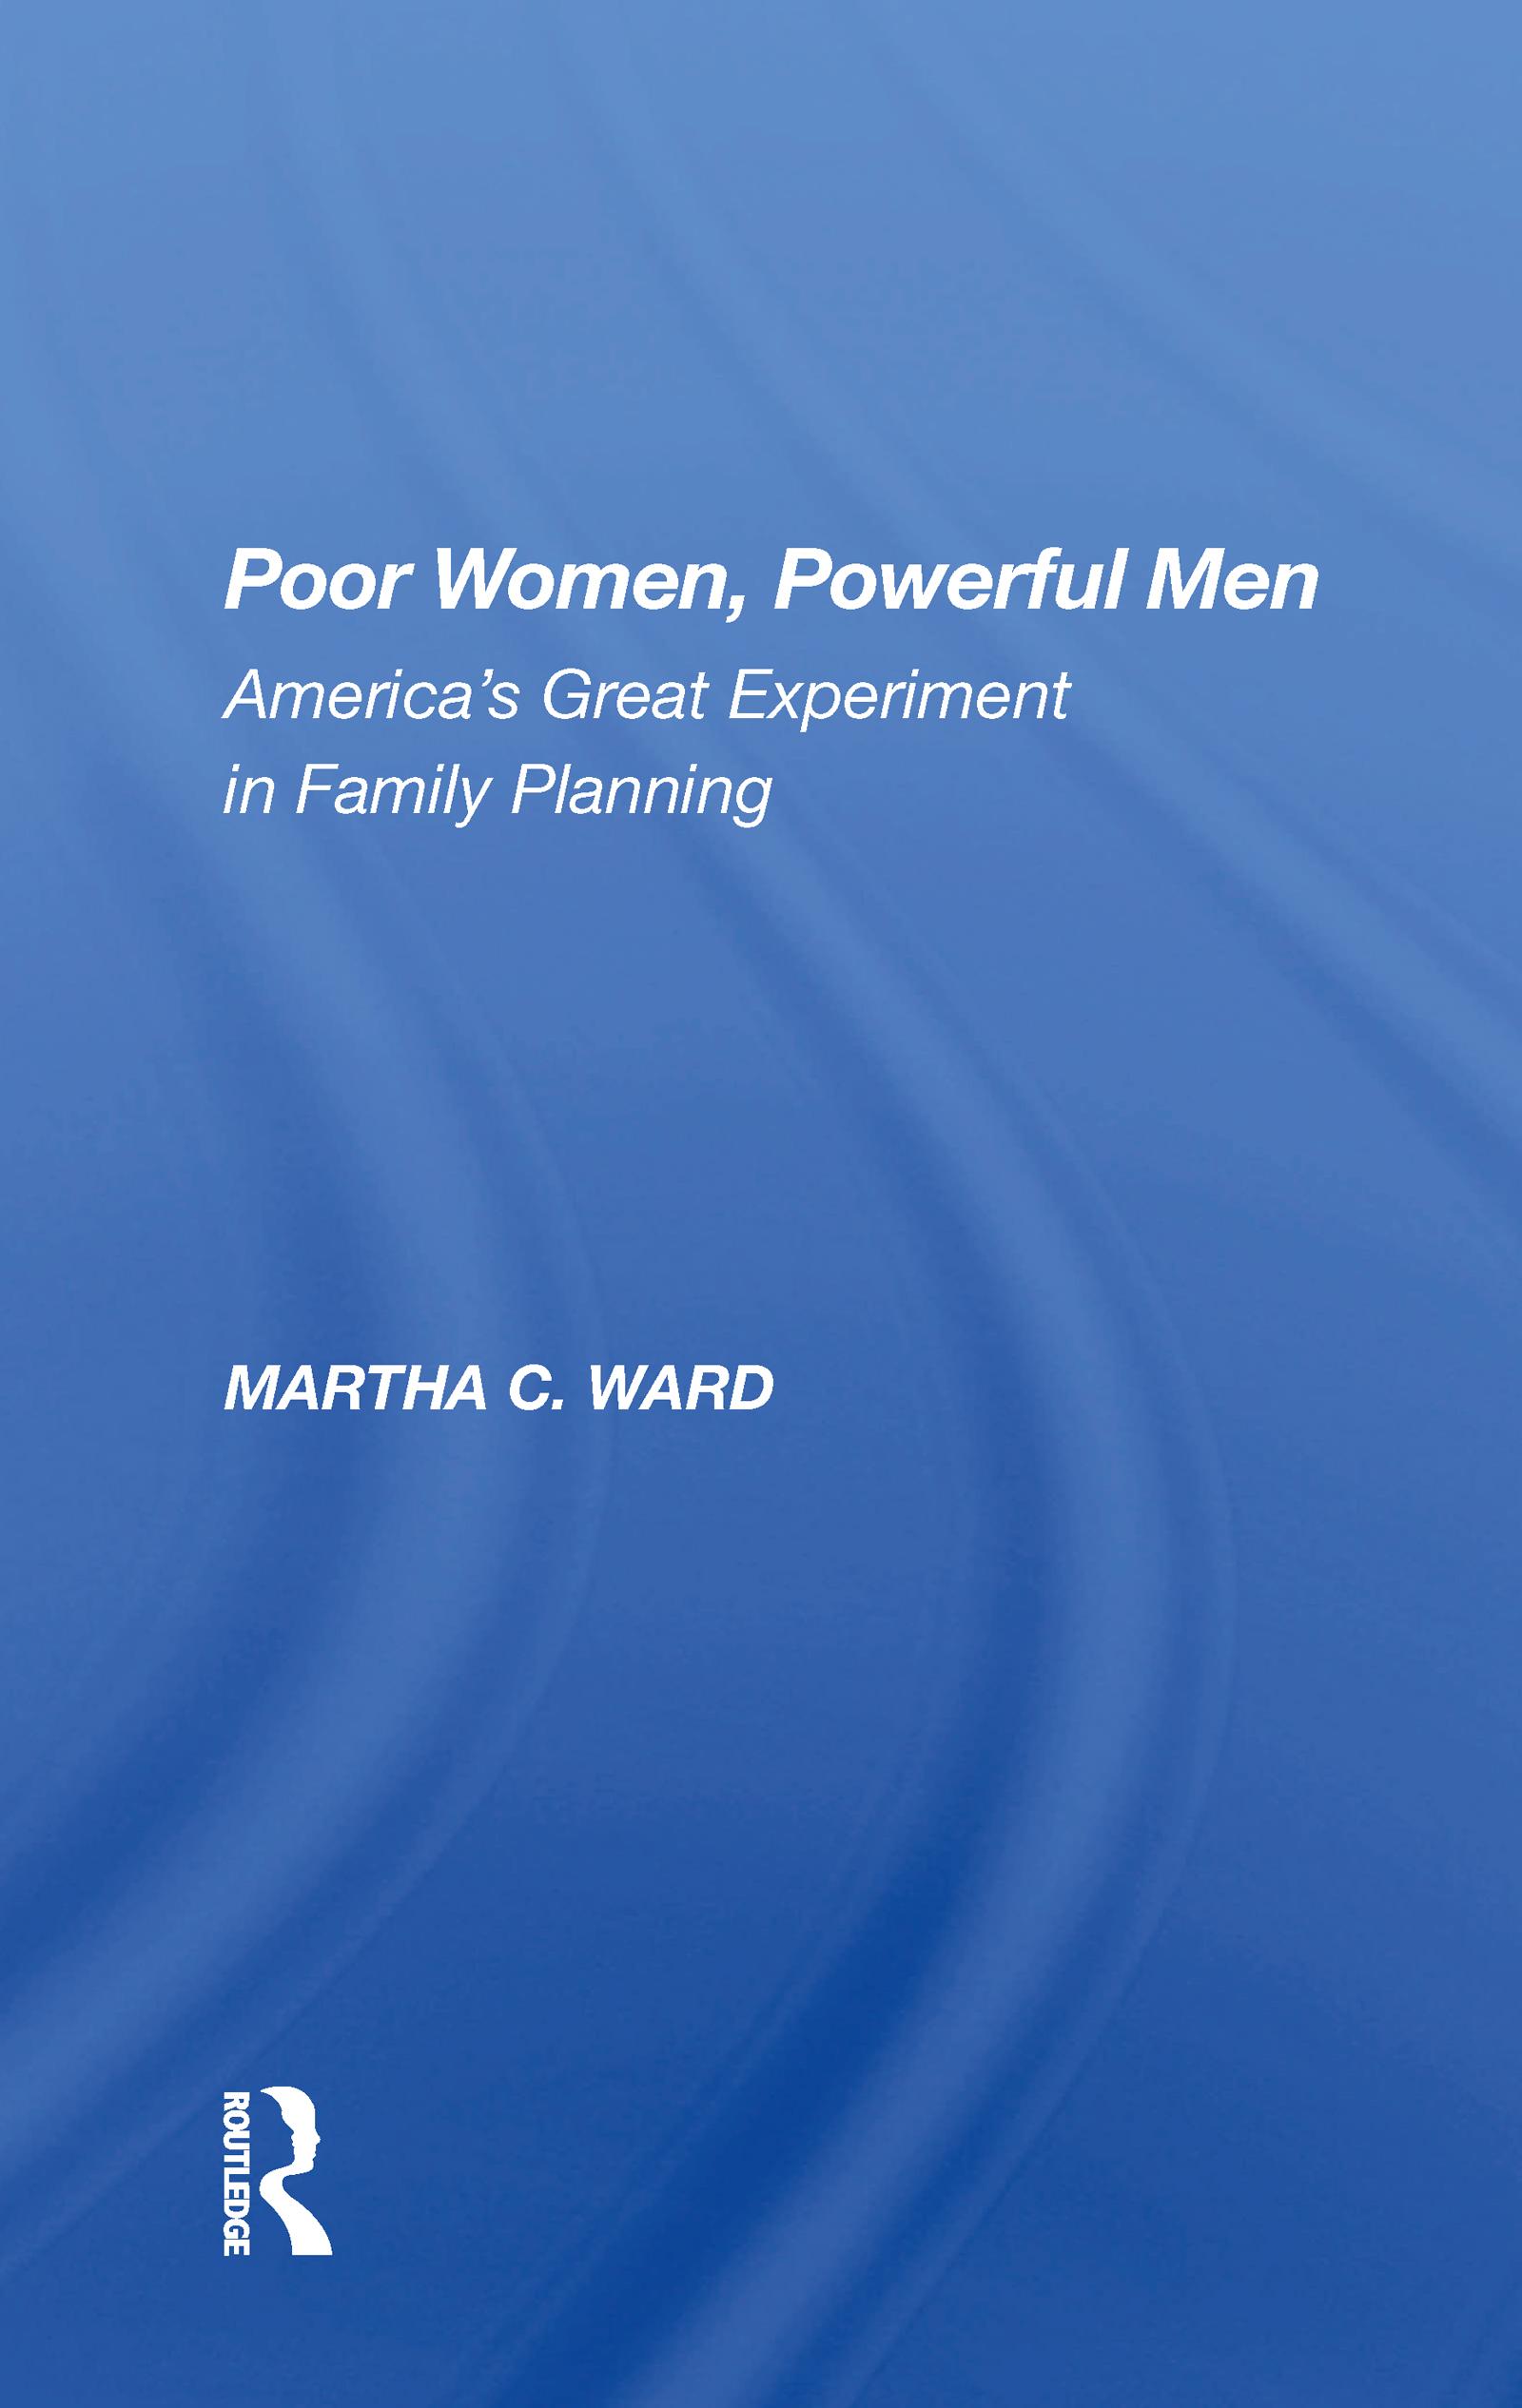 Poor Women, Powerful Men